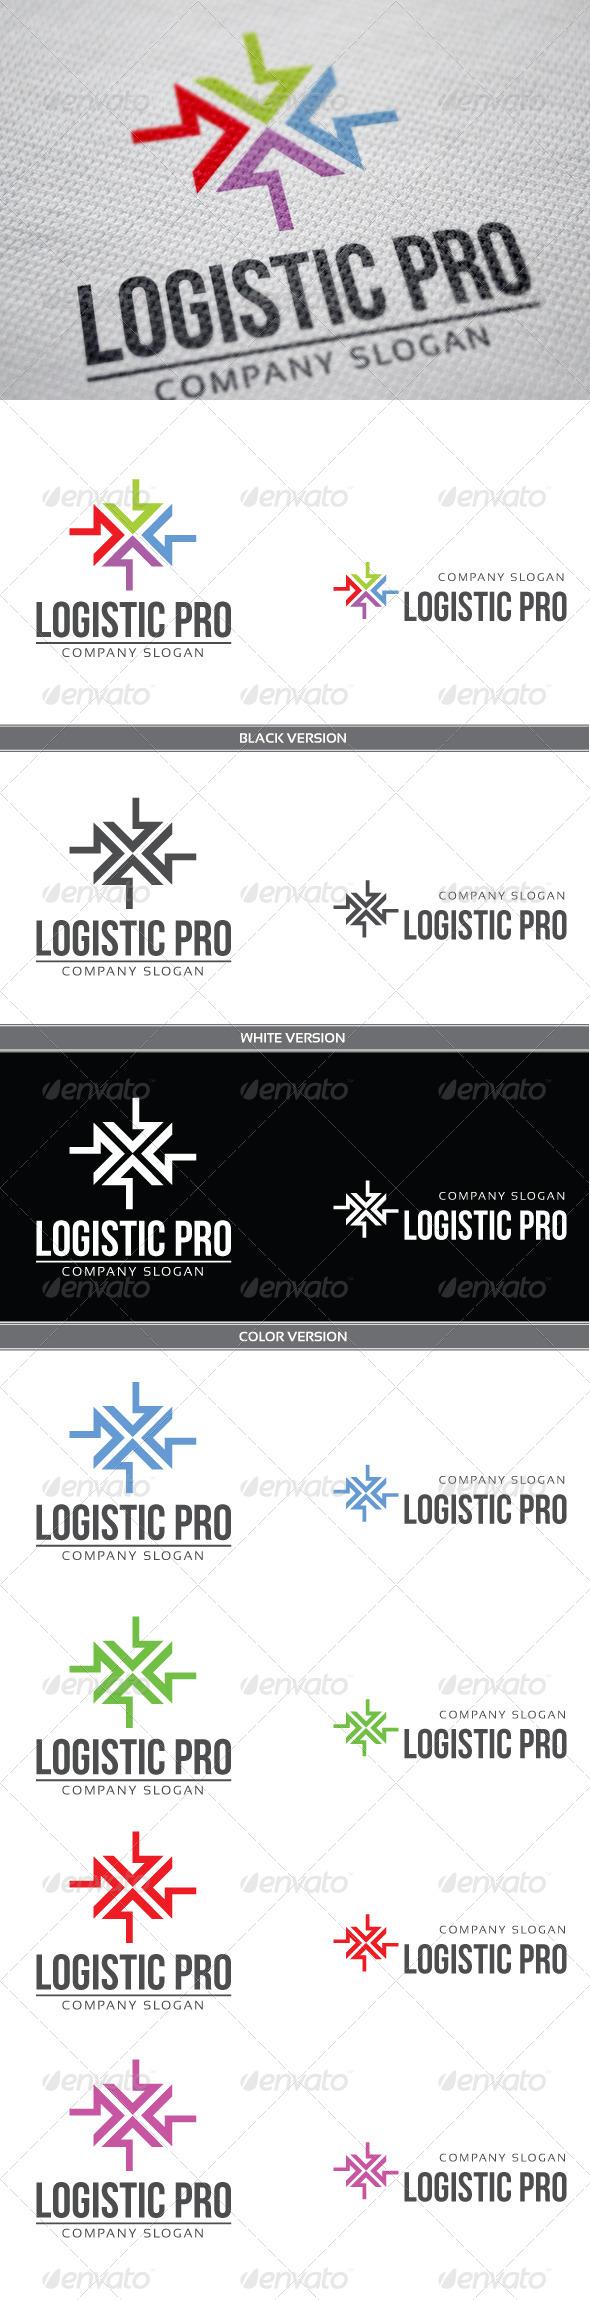 GraphicRiver Logistic Pro 4120567